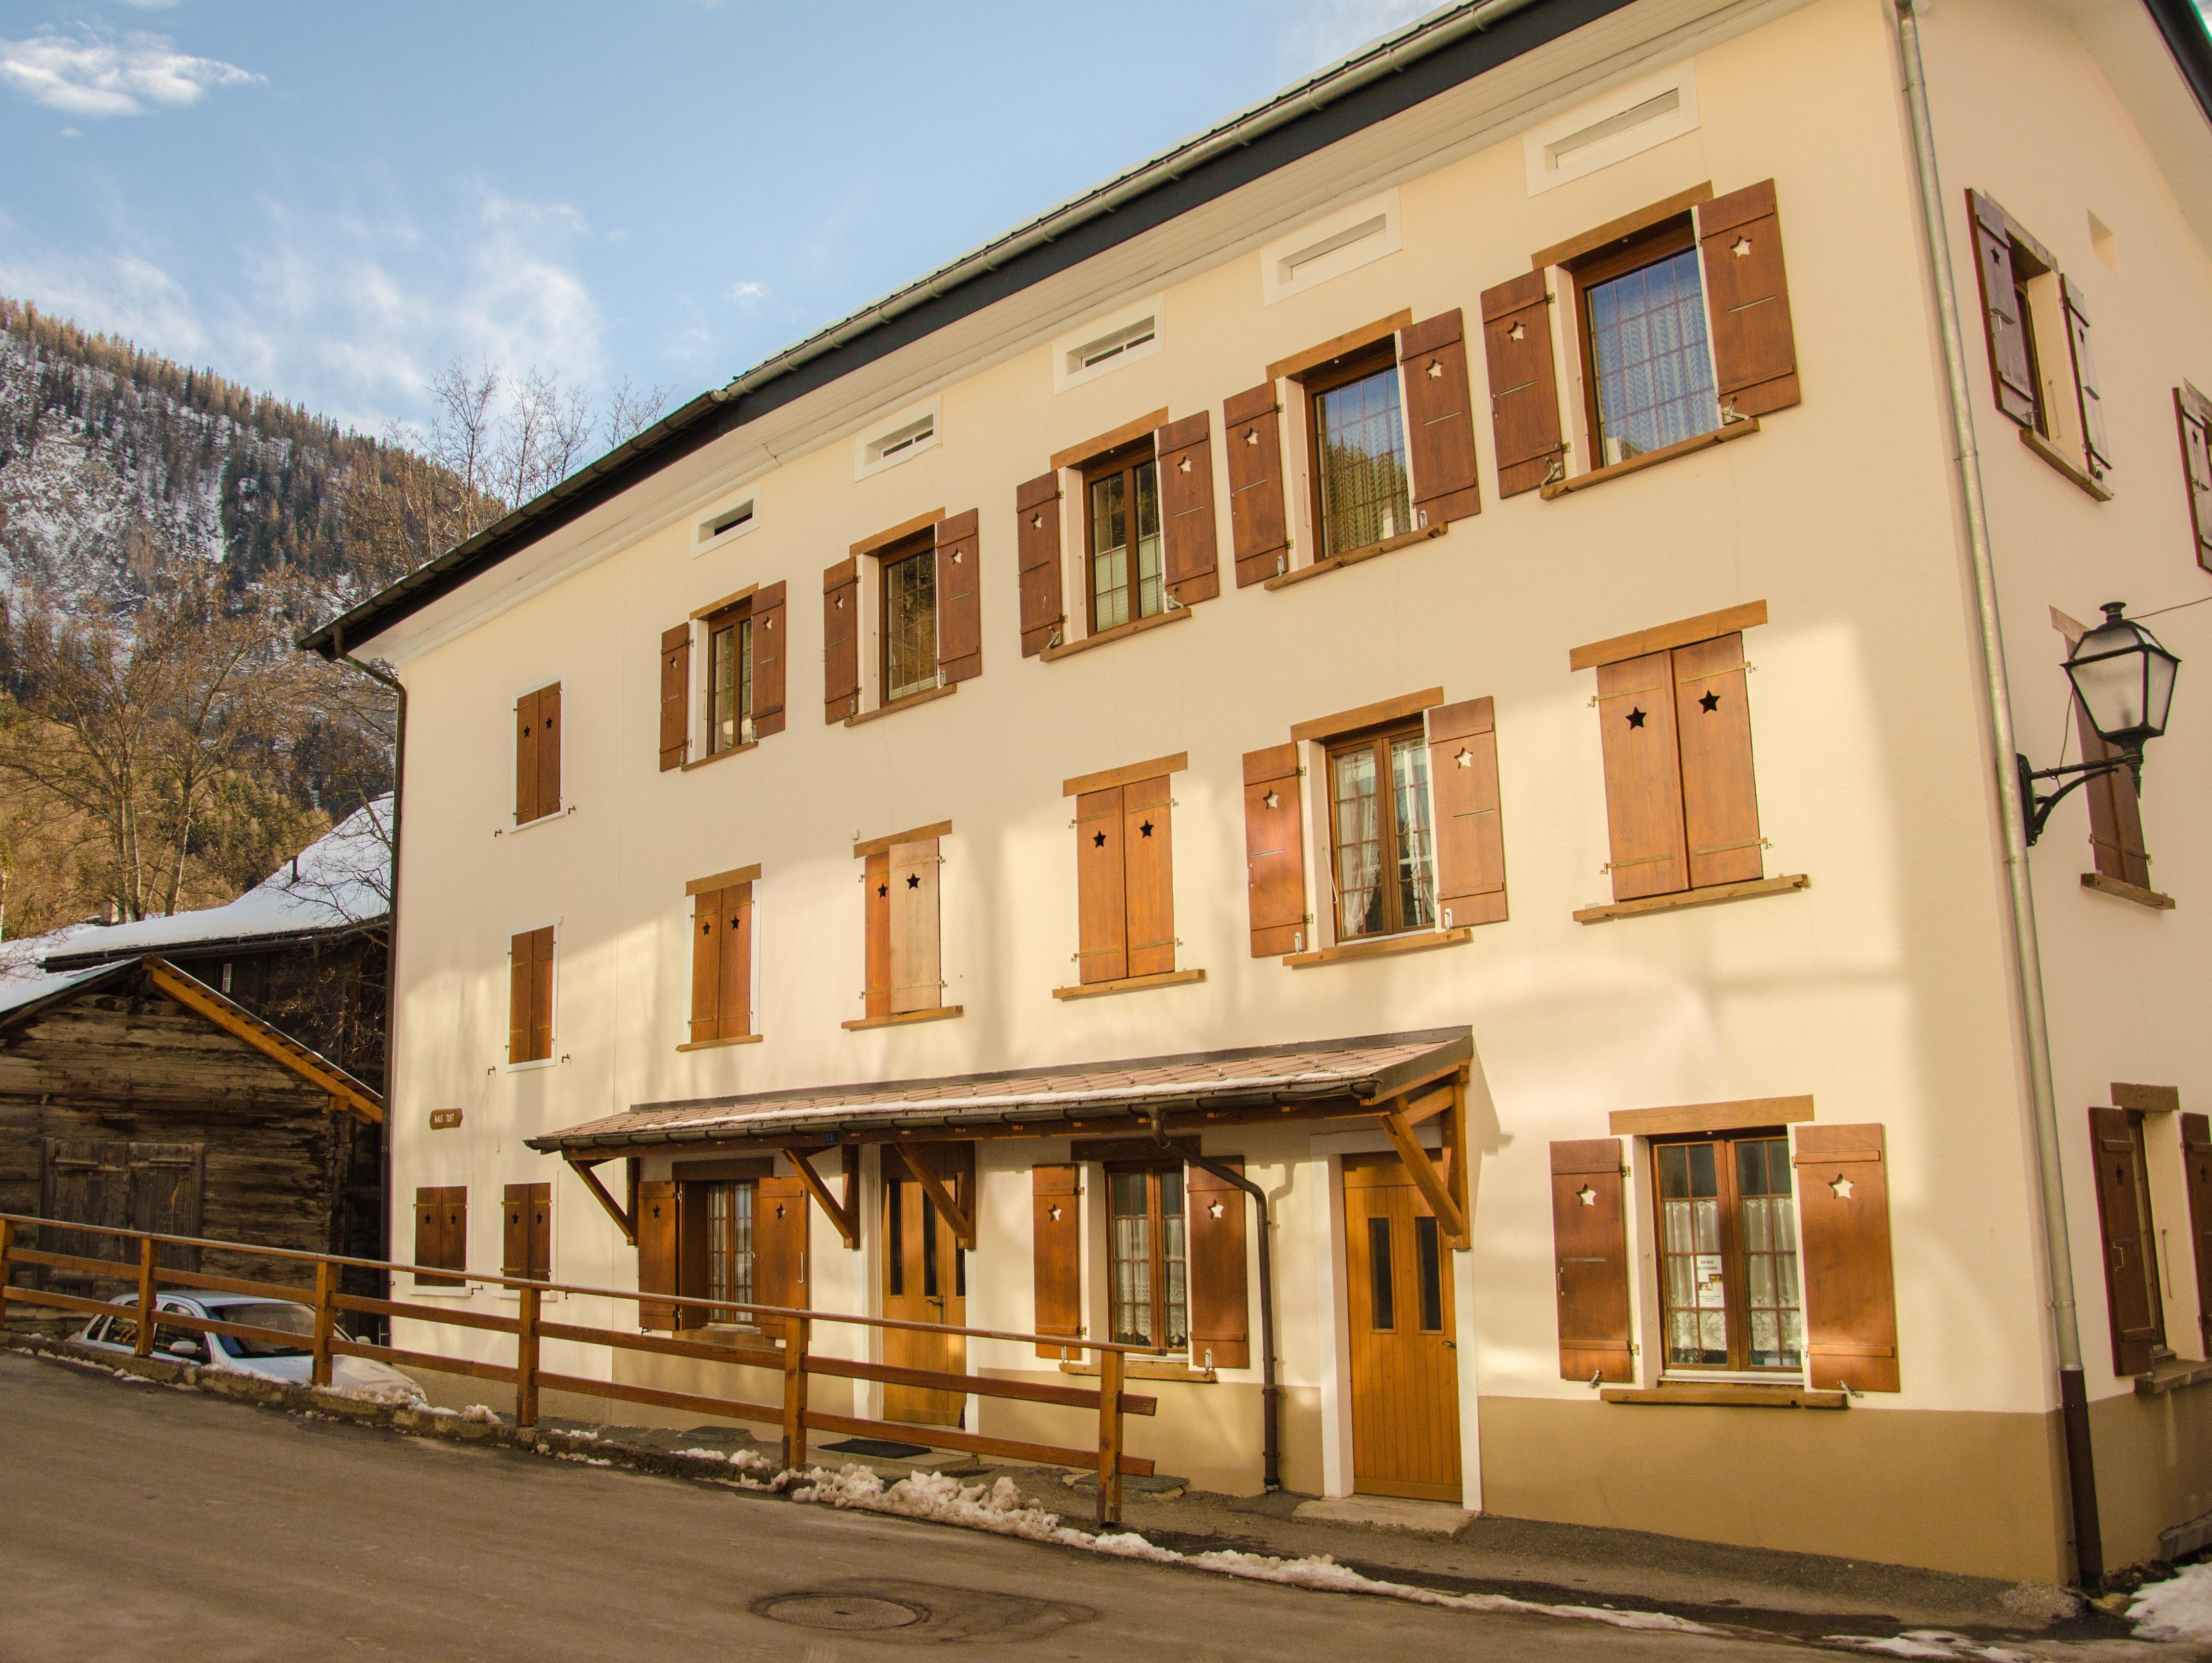 Lo che les bains suisse appartement haus tuft inkl for Location appartement yverdon bains suisse